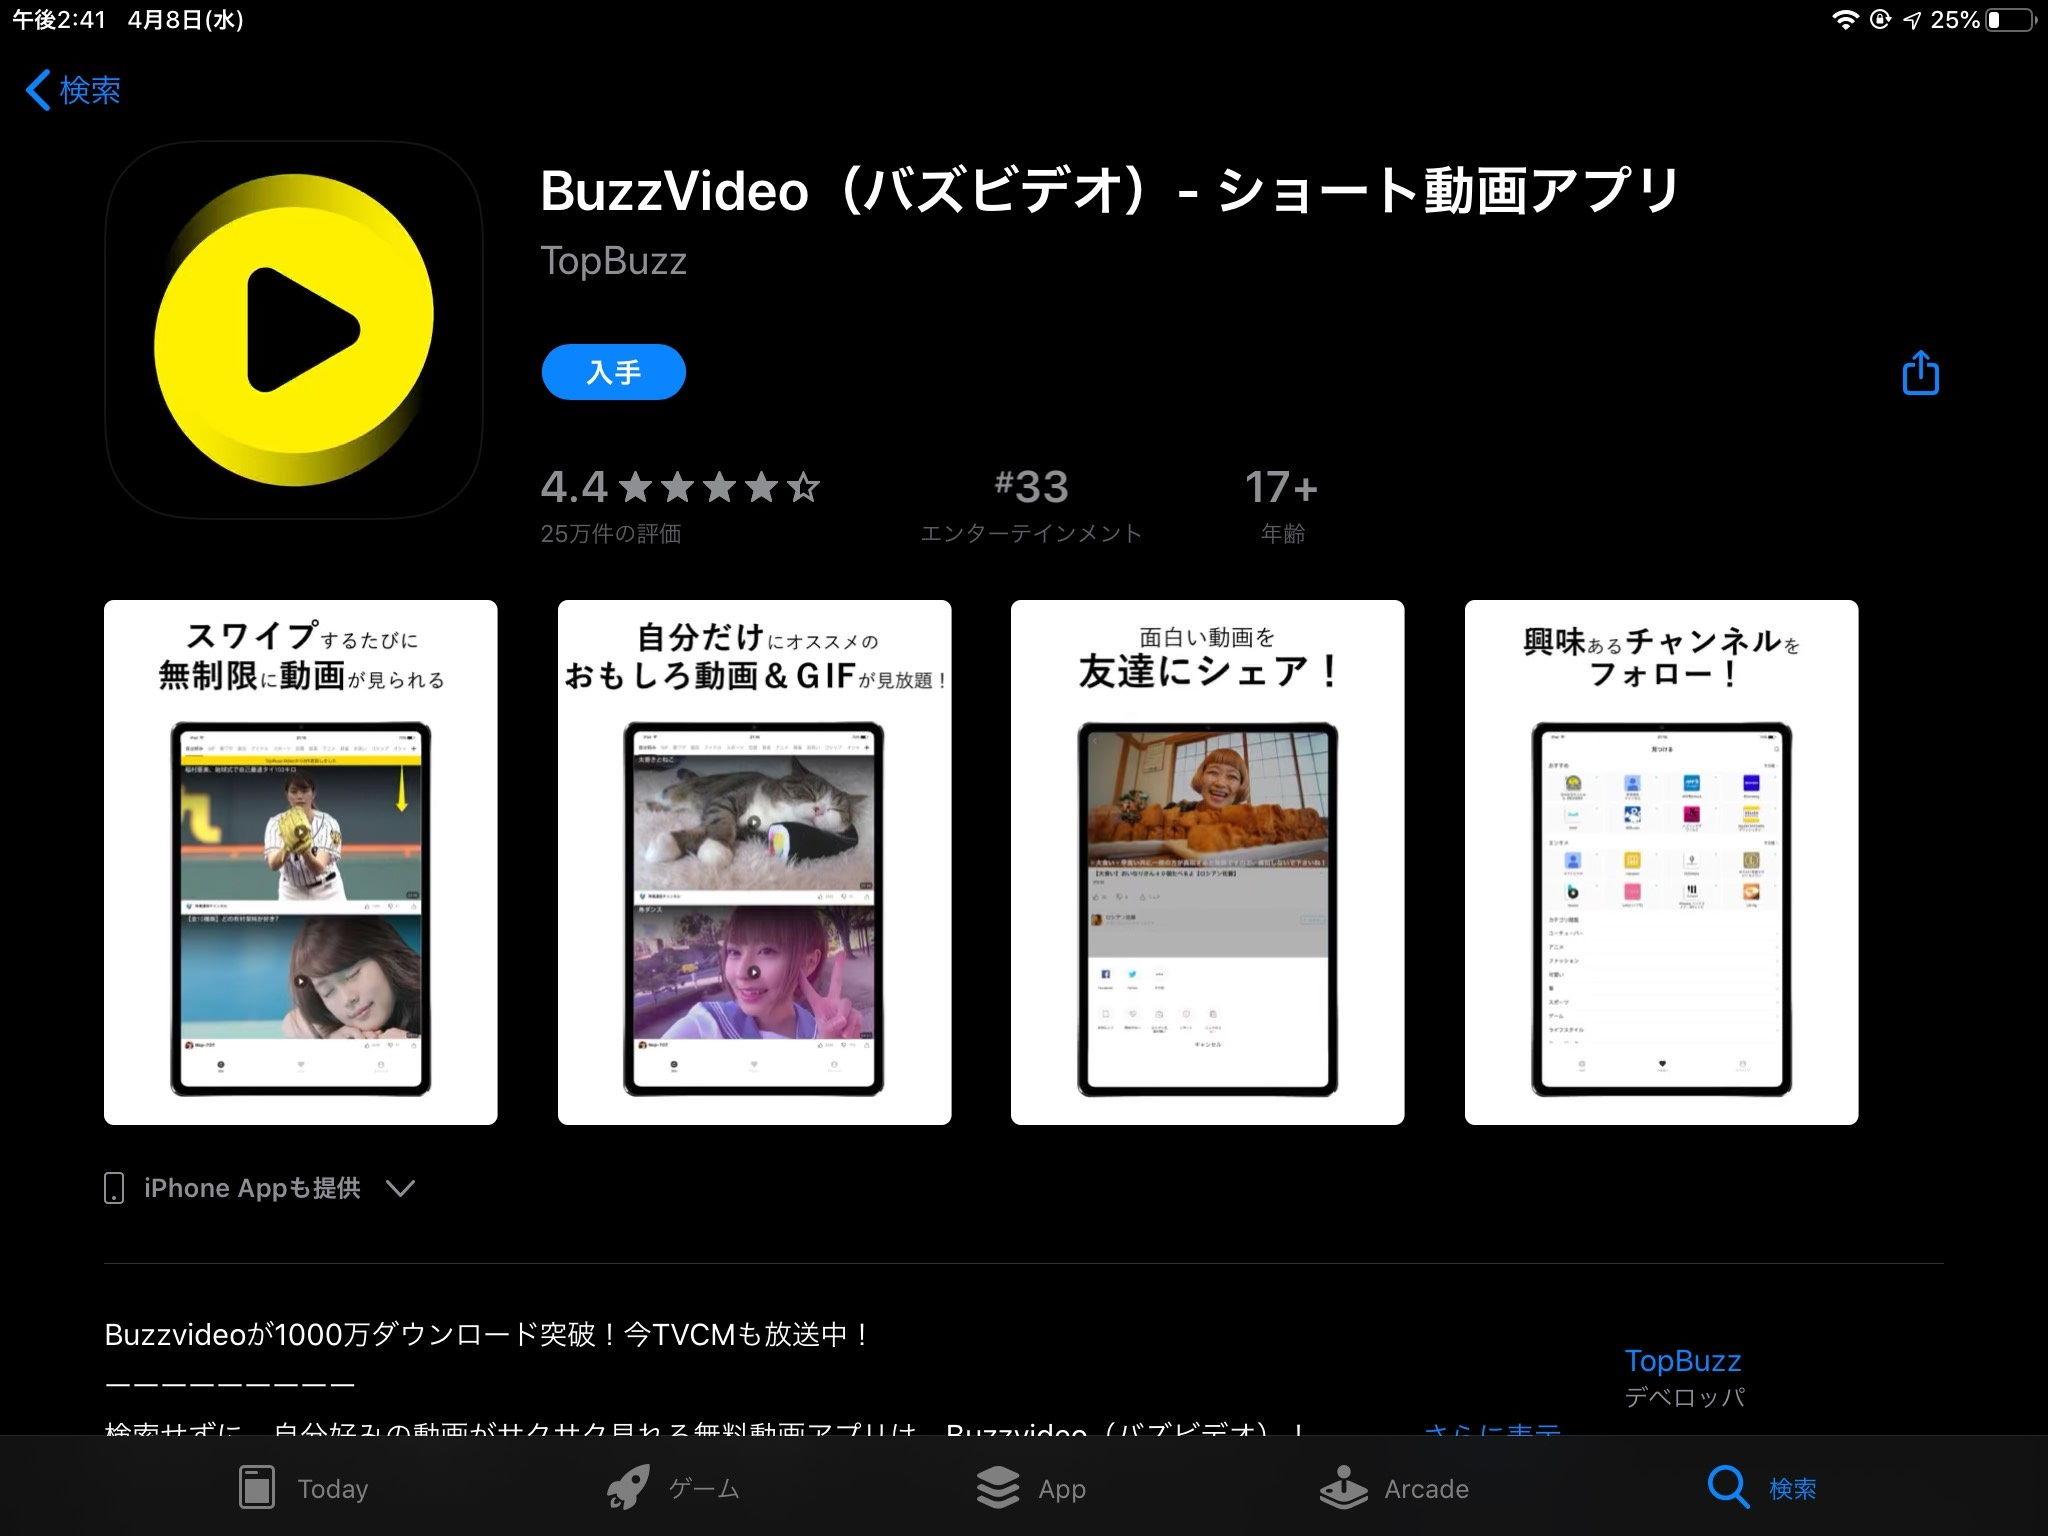 BuzzVideo